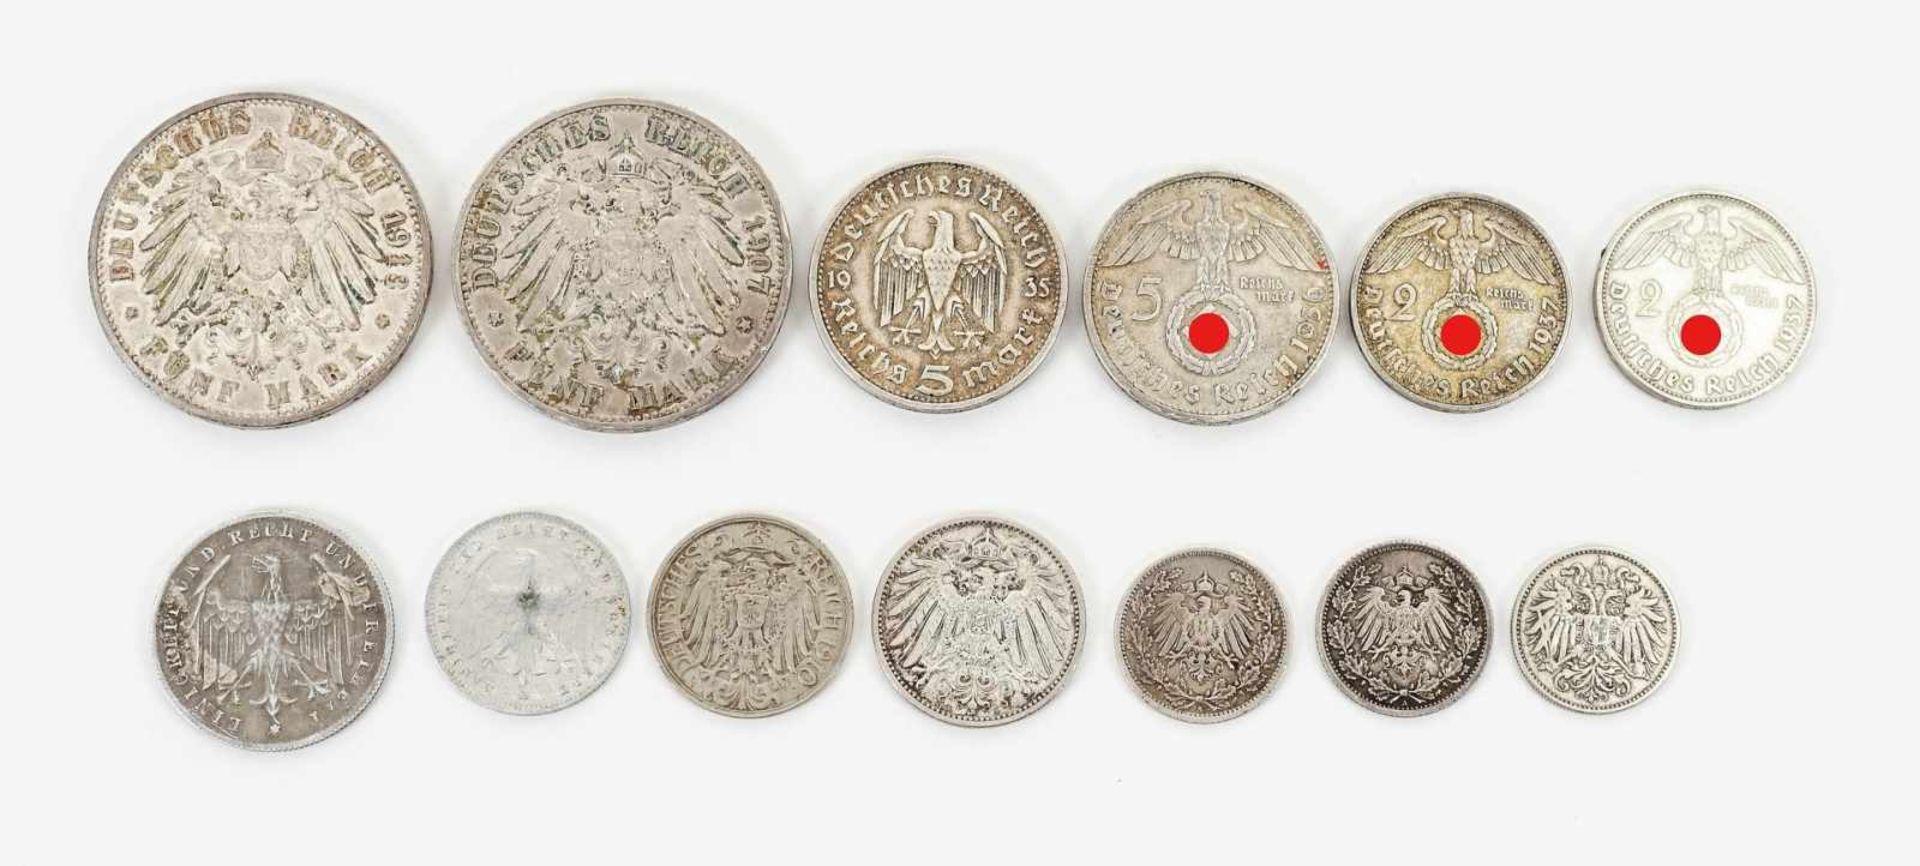 22 Münzen 1854-1936, davon 19 Silbermünzen - Bild 7 aus 7